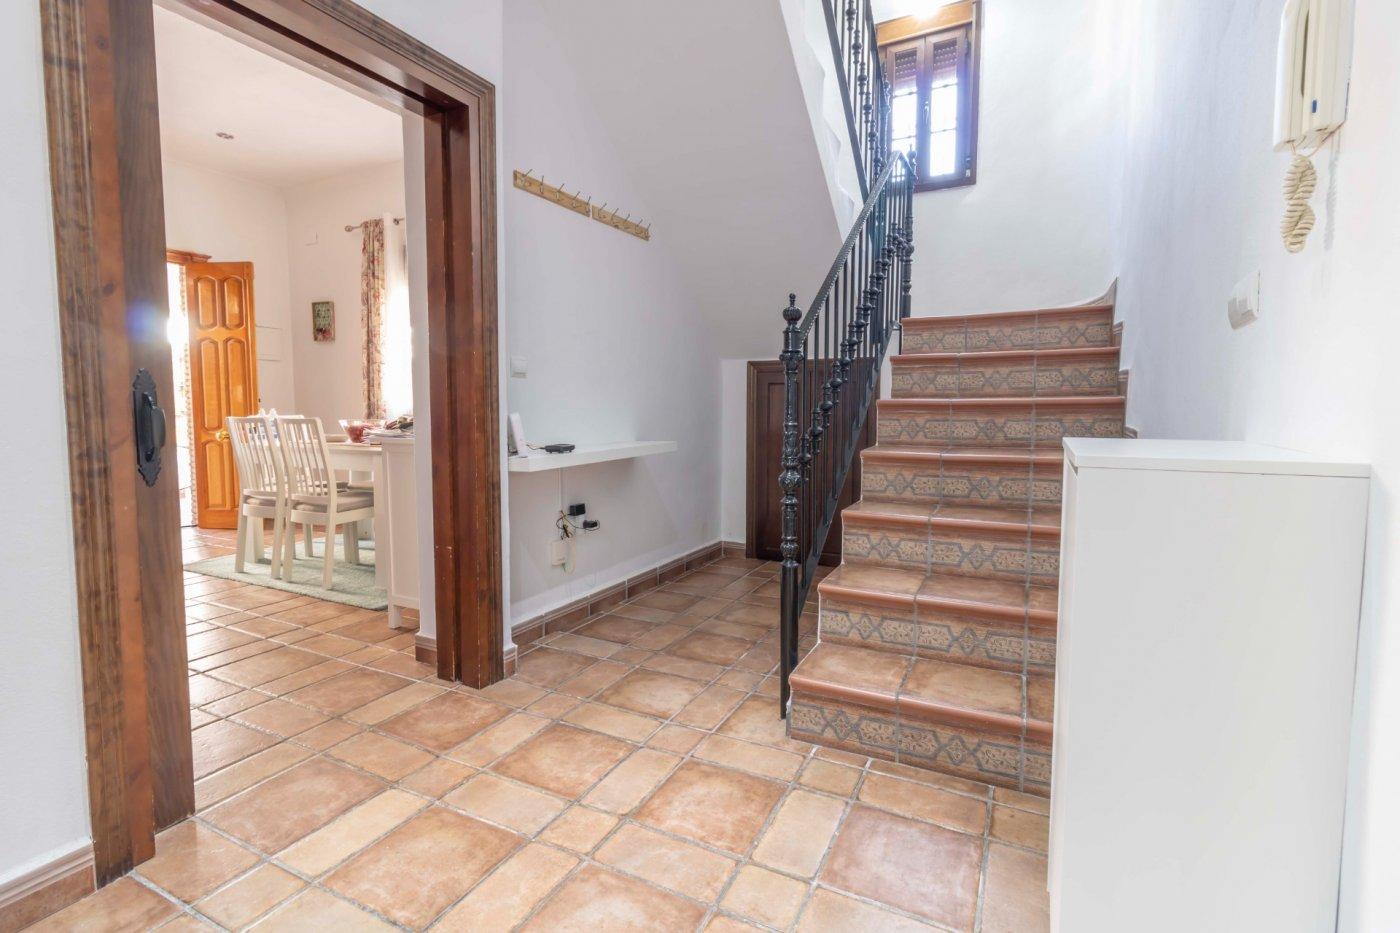 Casa a la venta en burguillos - imagenInmueble21